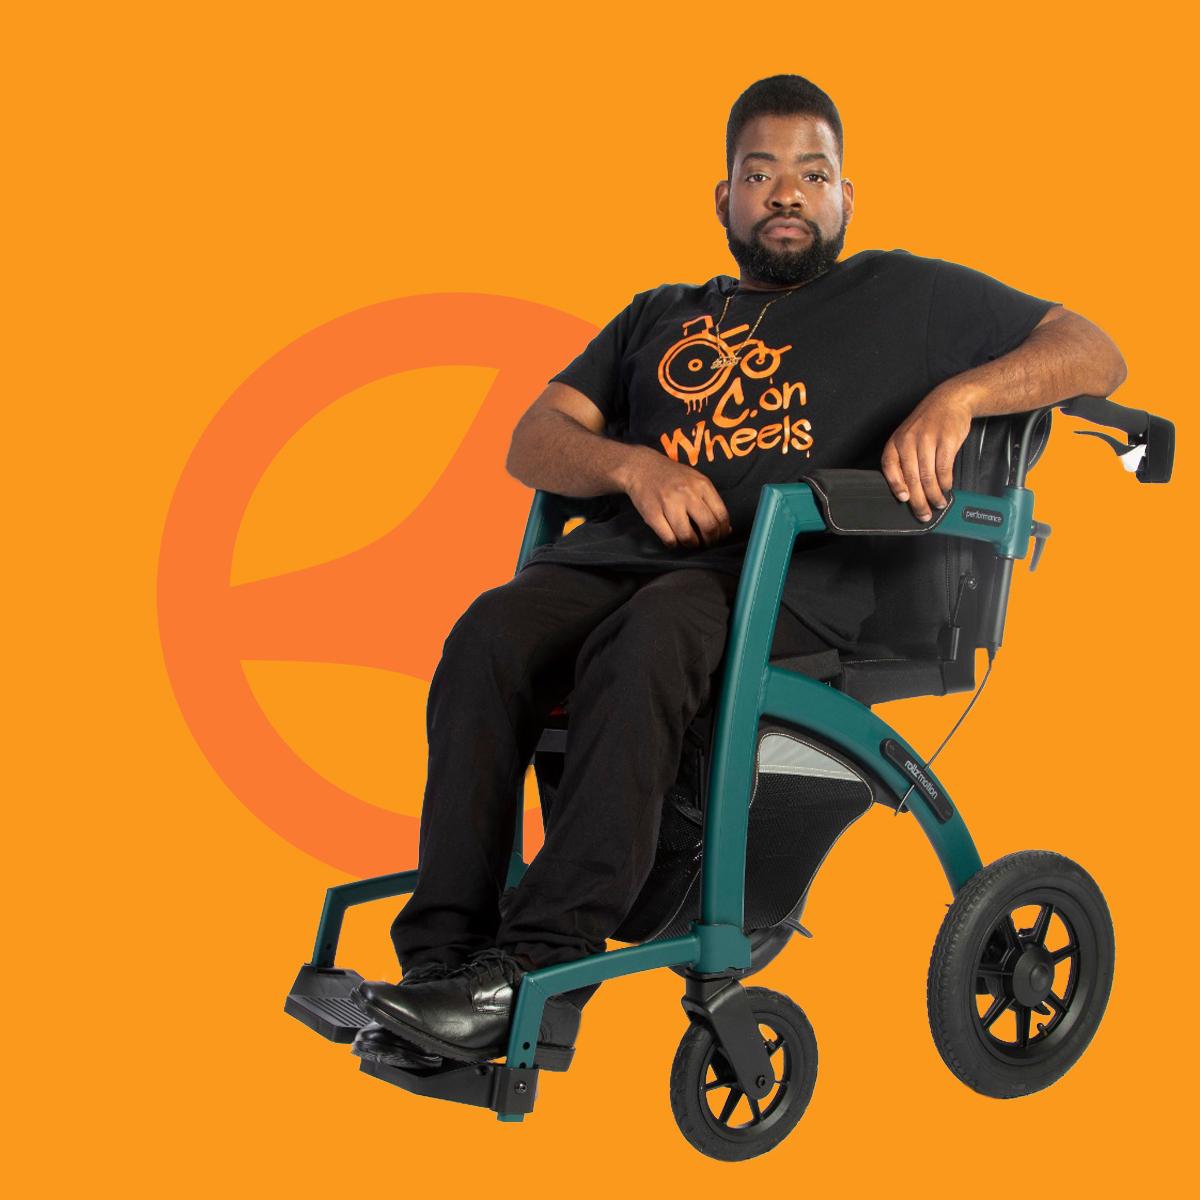 Junger Mann sitzt in einem bequemen Rollstuhl